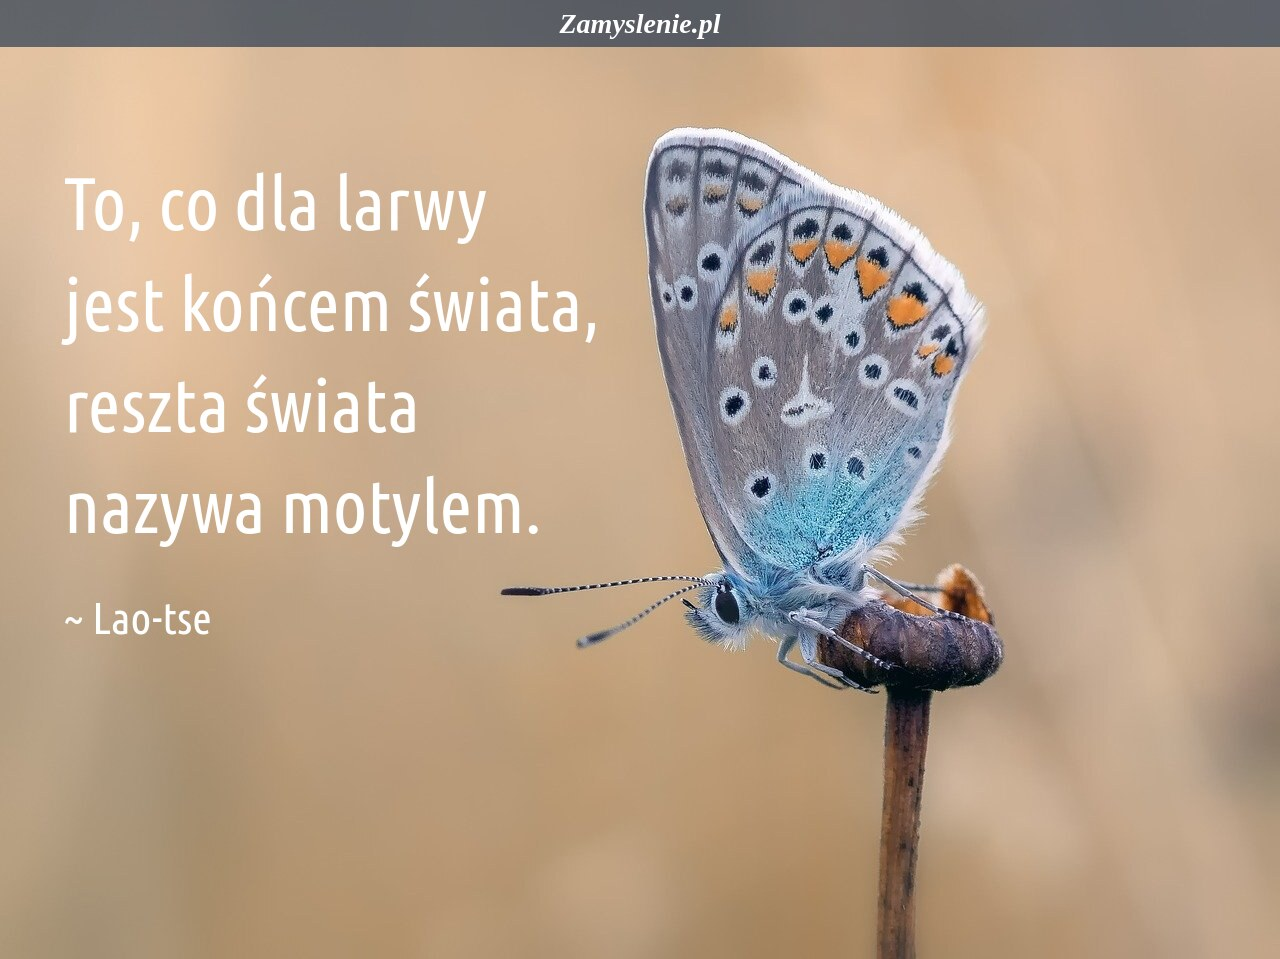 Obraz / mem do cytatu: To, co dla larwy jest końcem świata, reszta świata nazywa motylem.